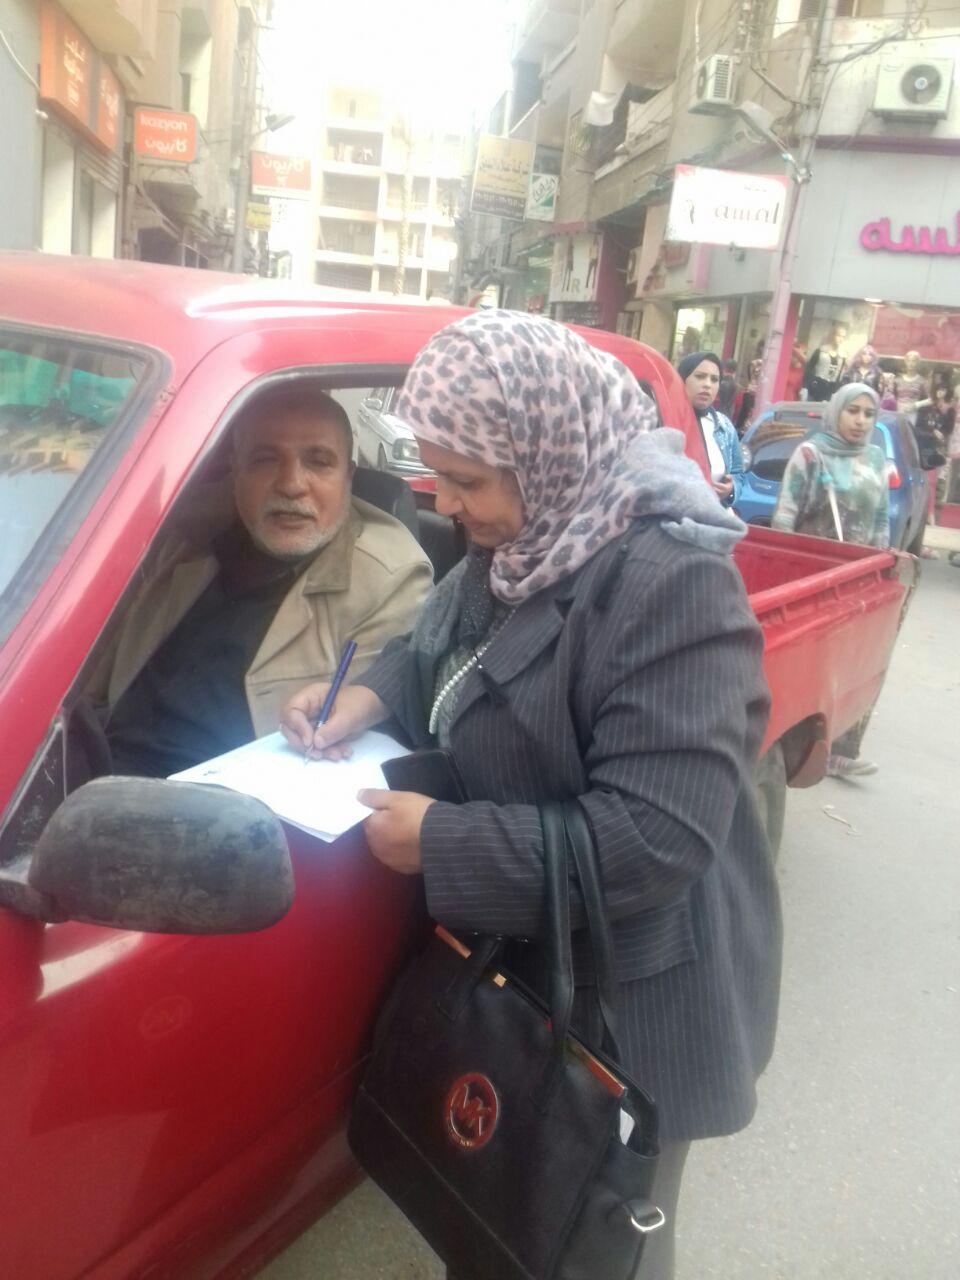 رقم 1 المهندسة سامية عسل مقررة فرع المراة أثناء الجولات بالشارع